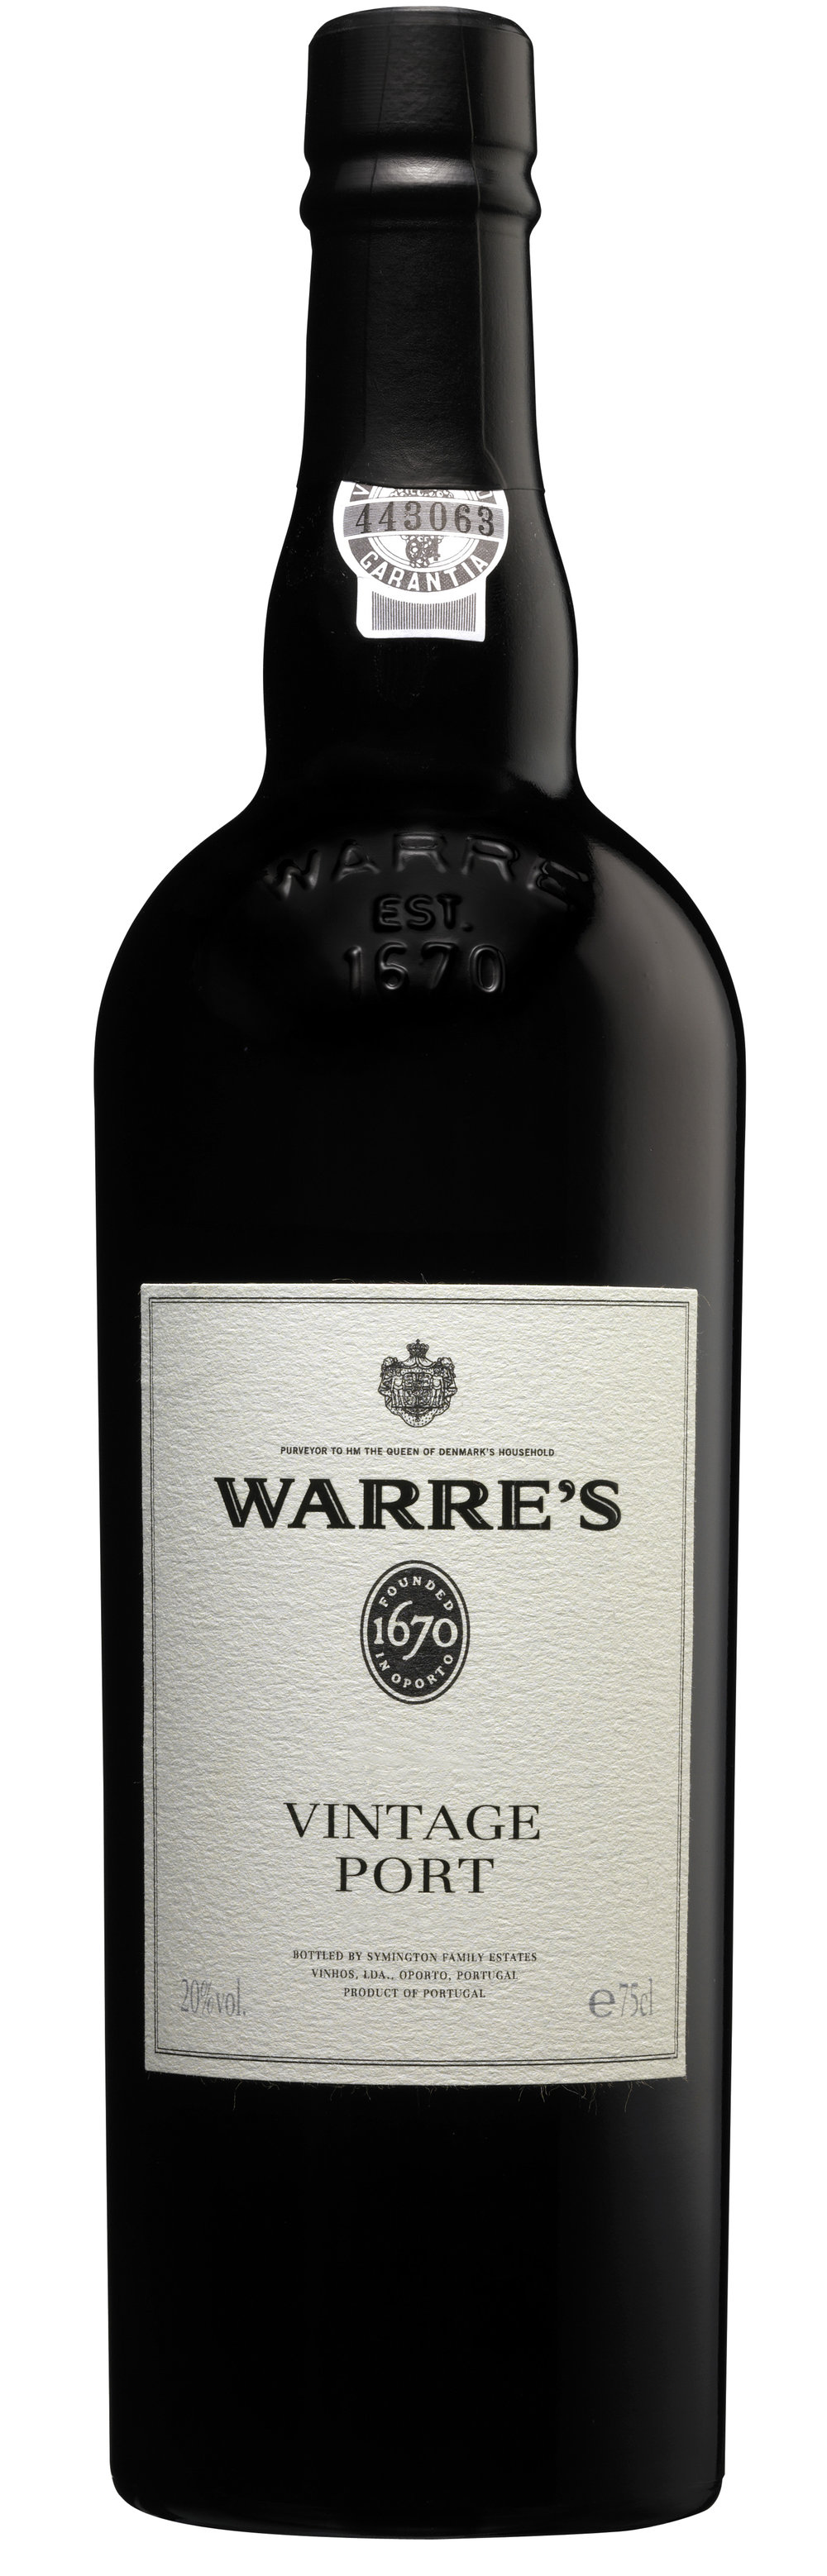 Warre's Vintage Port Bottle (No Vintage).jpg